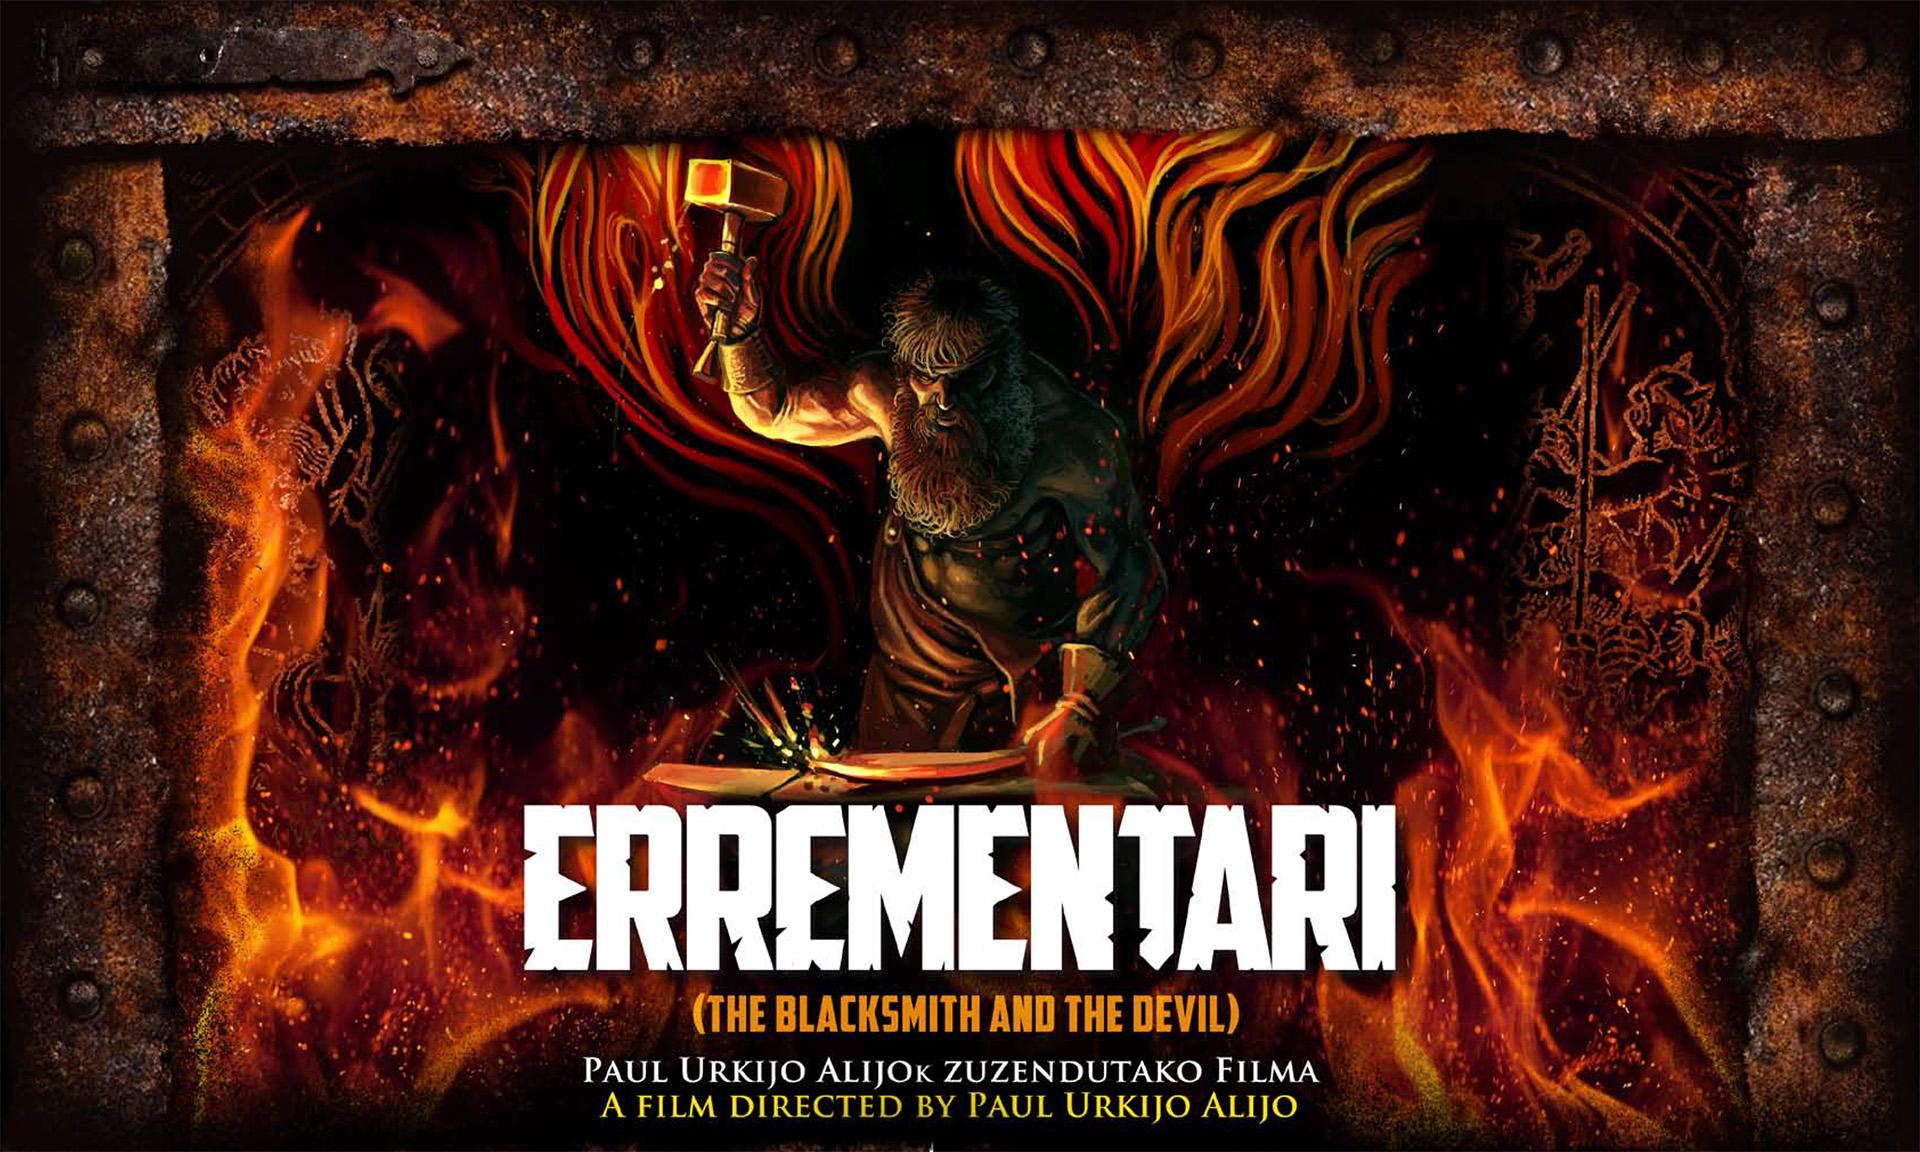 ผลการค้นหารูปภาพสำหรับ errementari the blacksmith and the devil POSTER